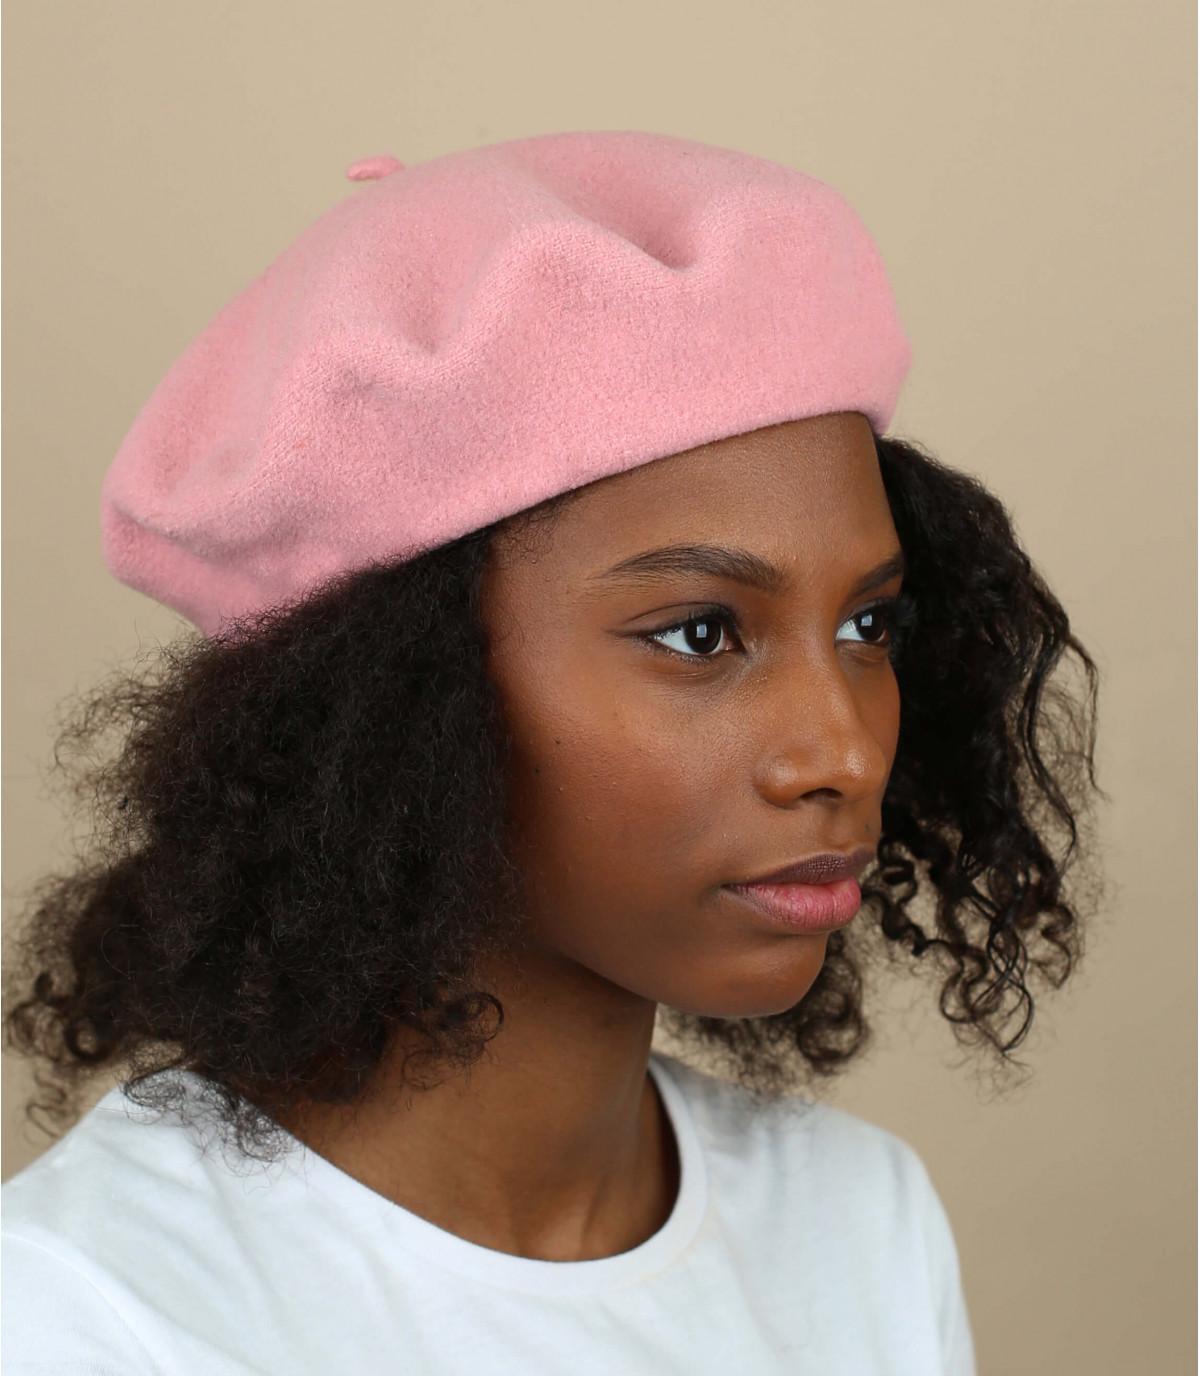 Luz boina de lana de color rosa